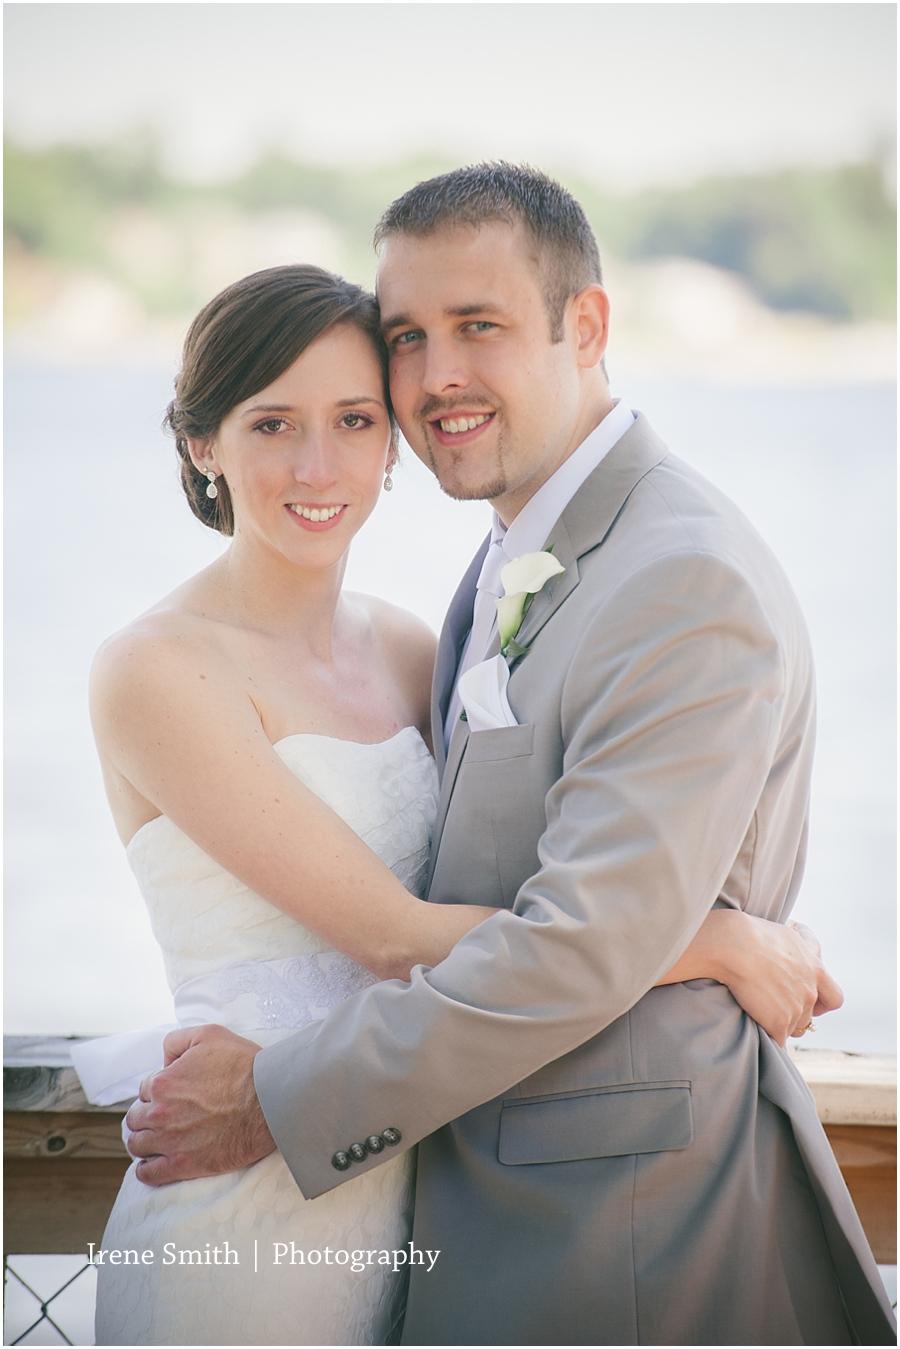 Franklin-Conneaut-Lake-Pennsylvania-Wedding-Photography_0018